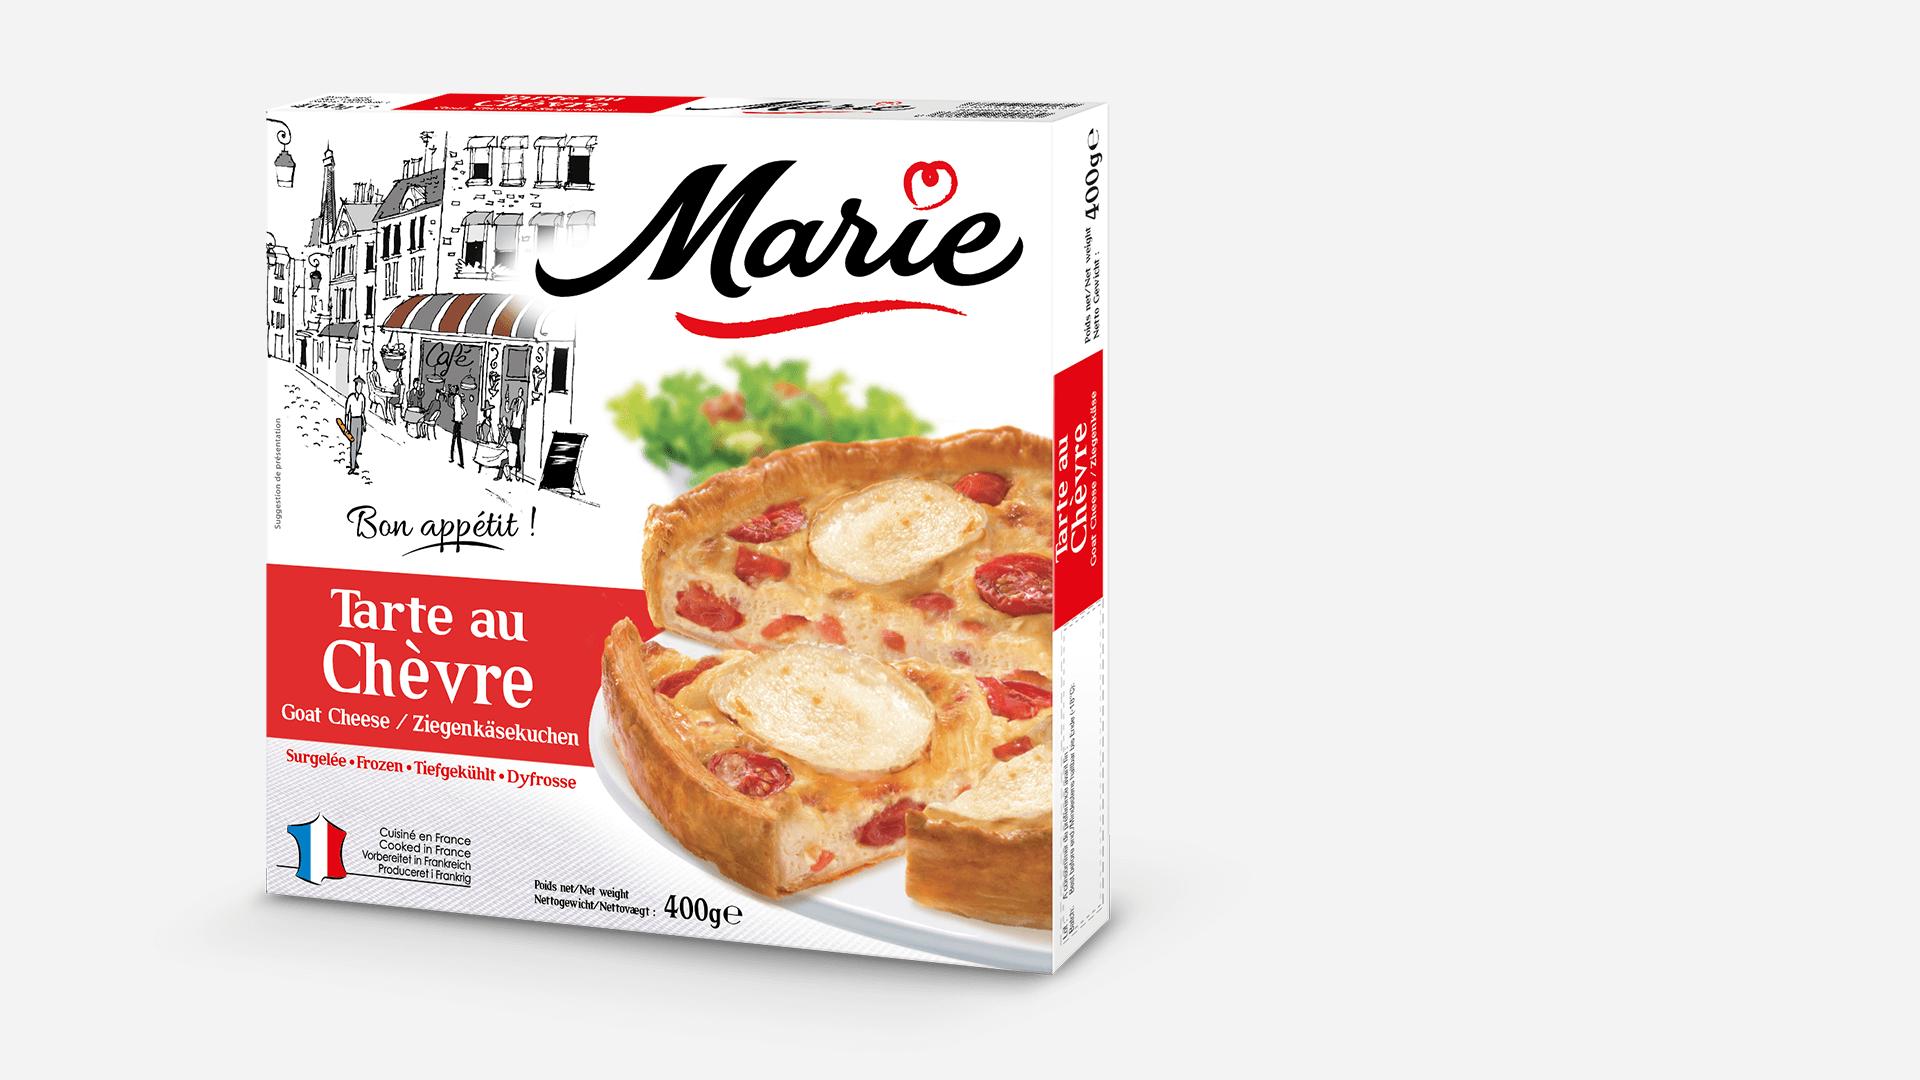 Pack de la tarte au chèvre Marie surgelé